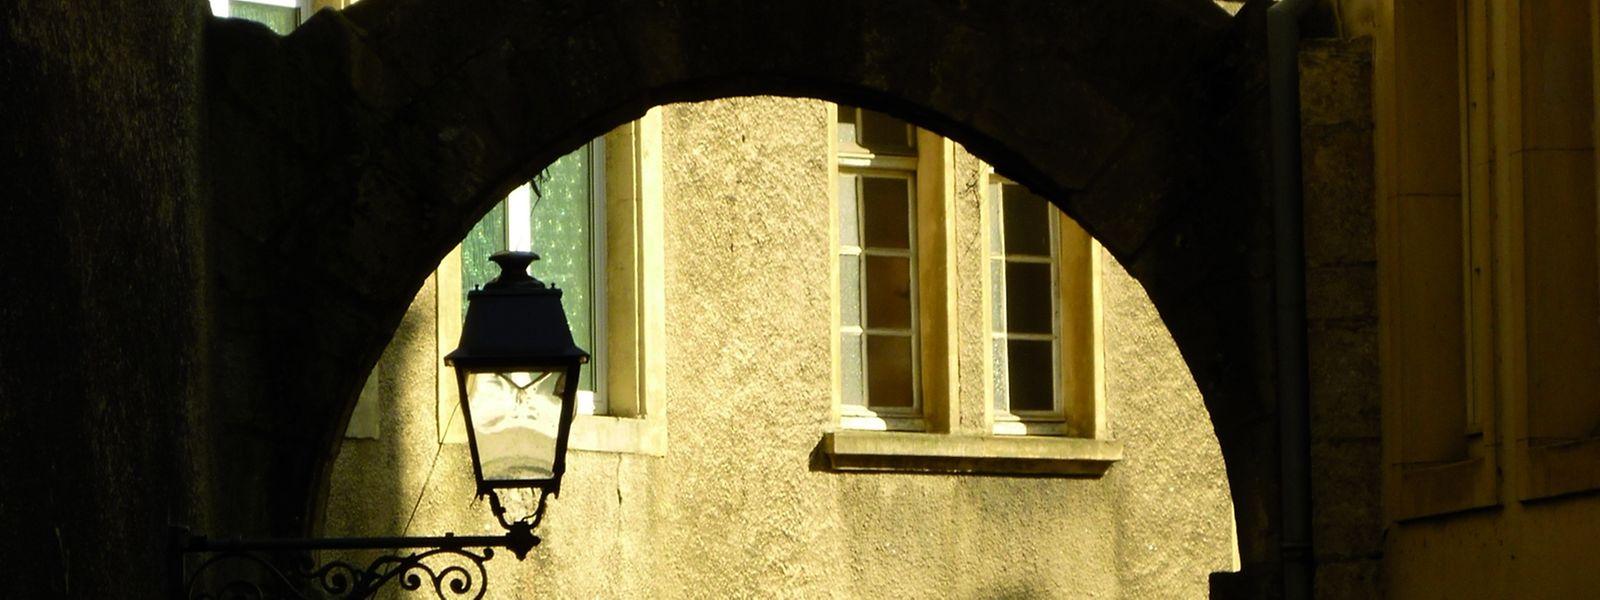 Die Altstadt Luxemburg ist Unesco-Welterbe und deshalb geschützt.